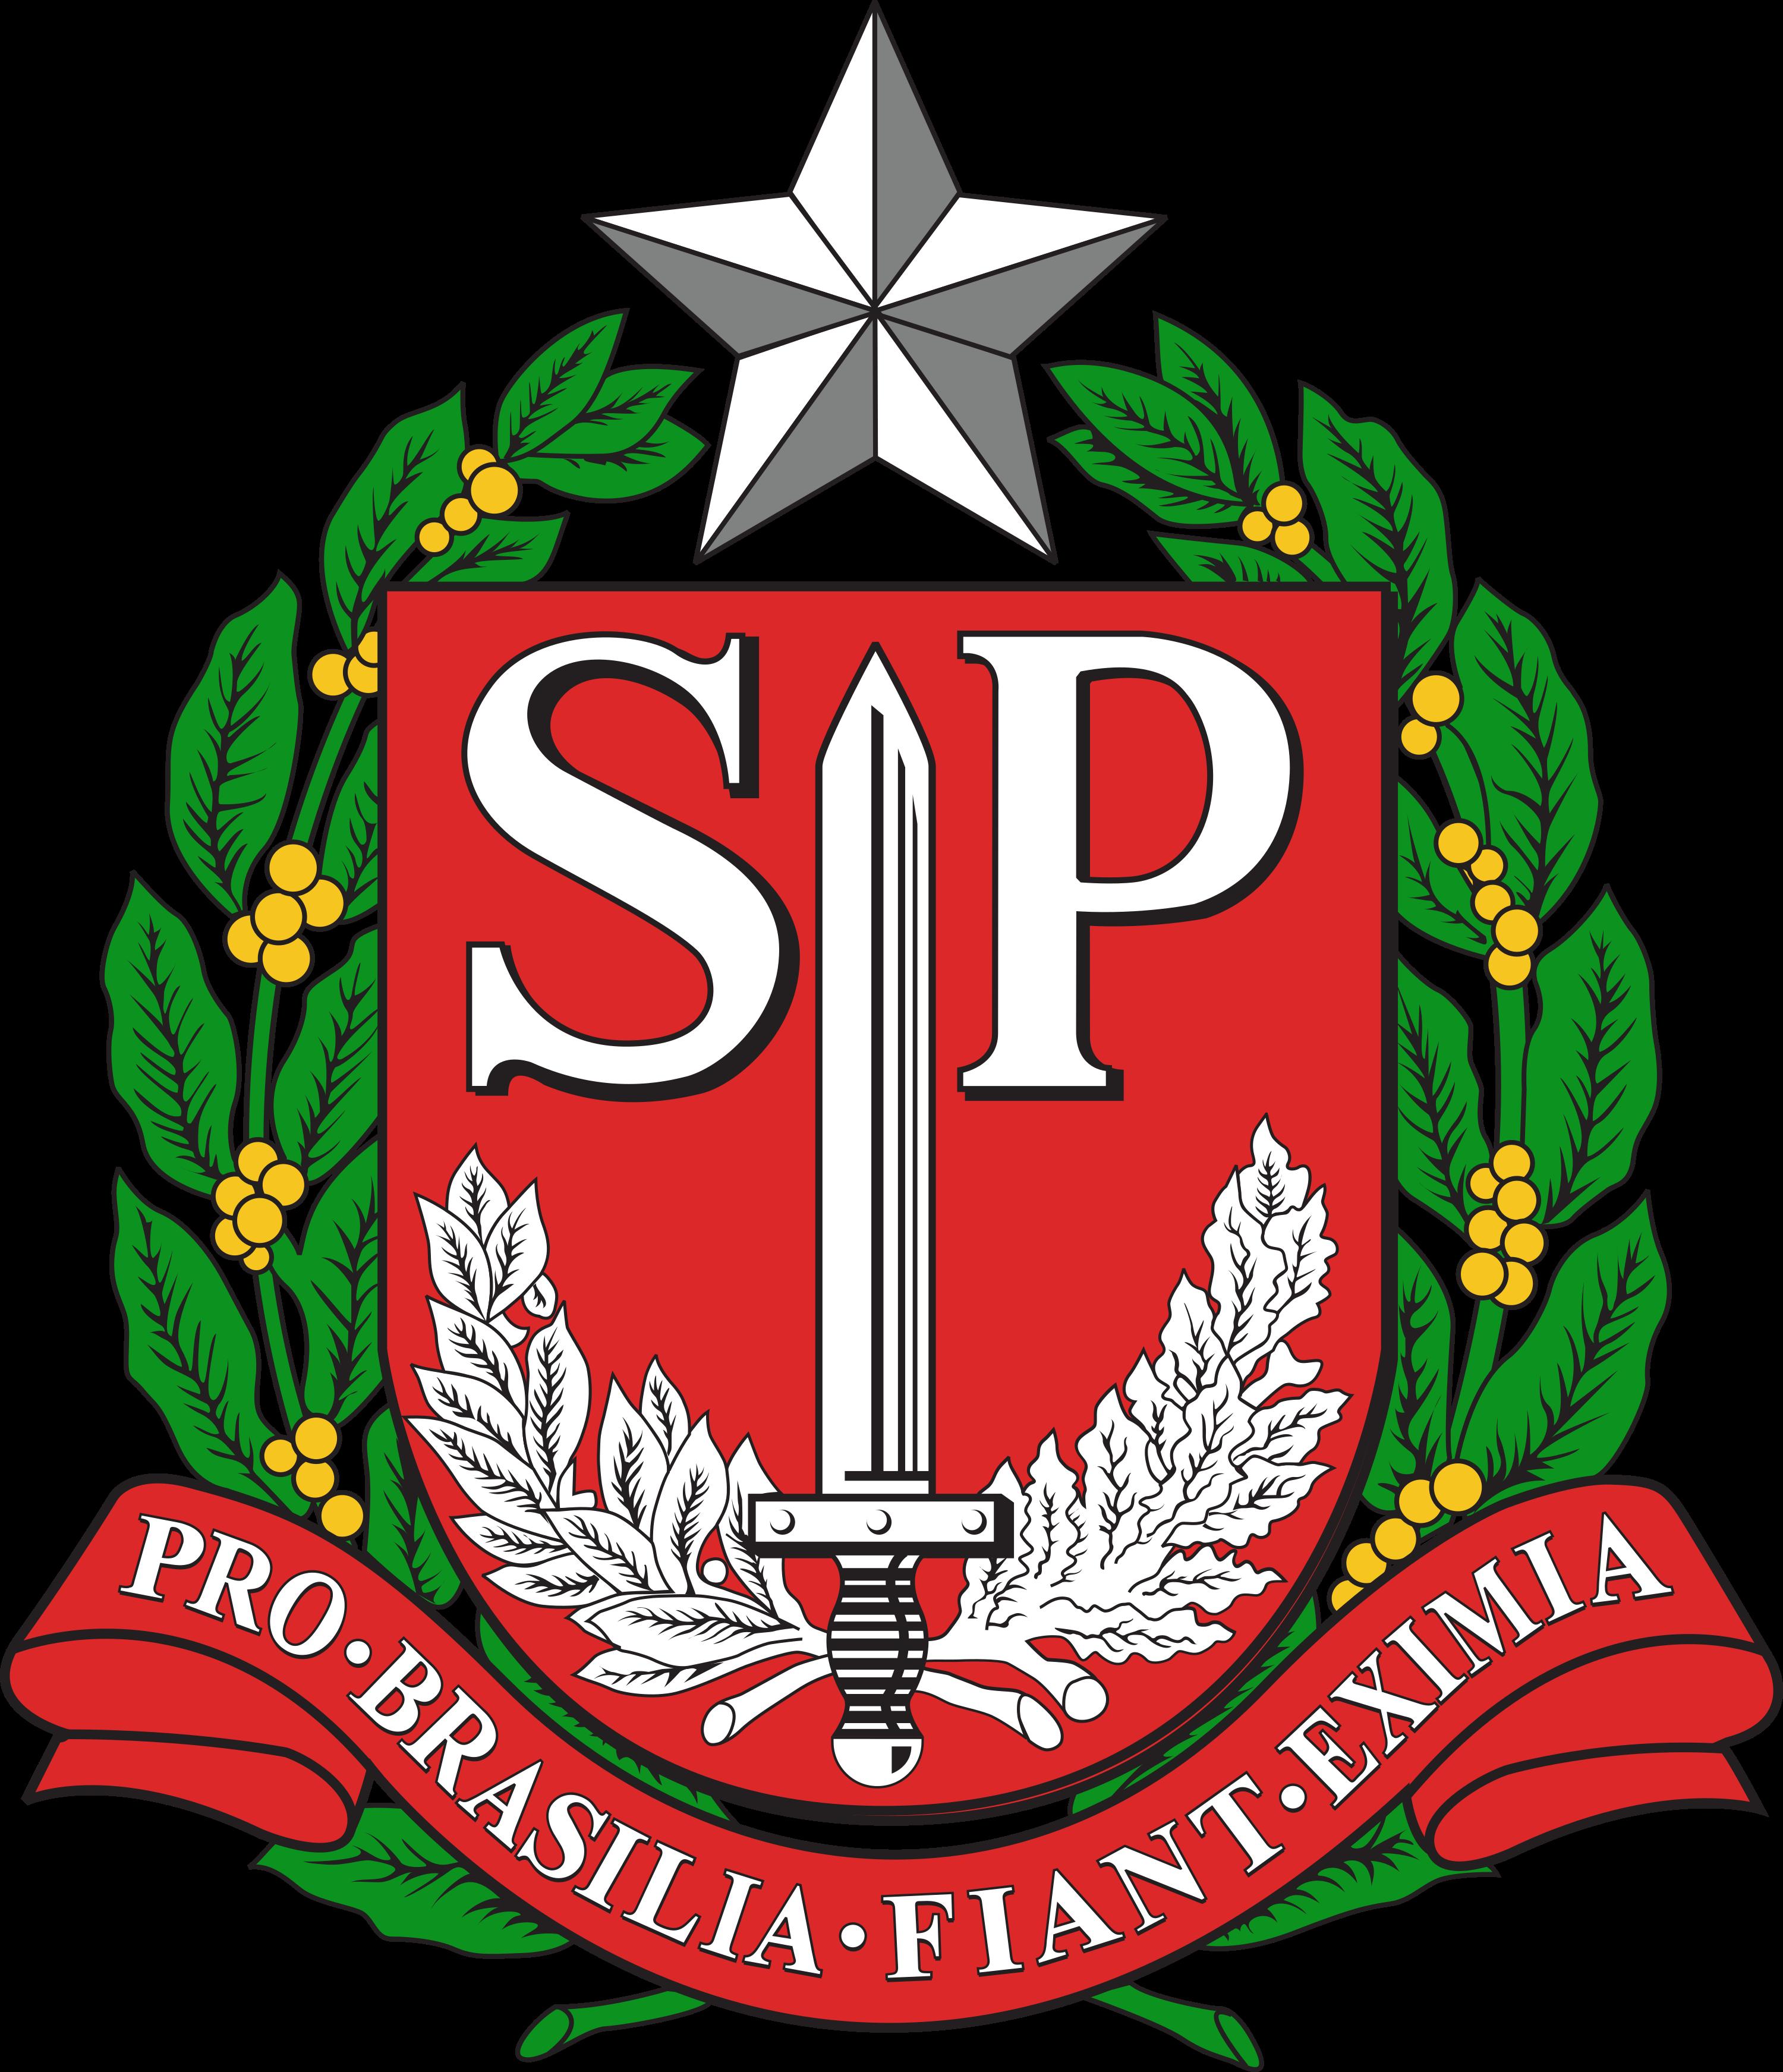 Estado de São Paulo brasão, logo.